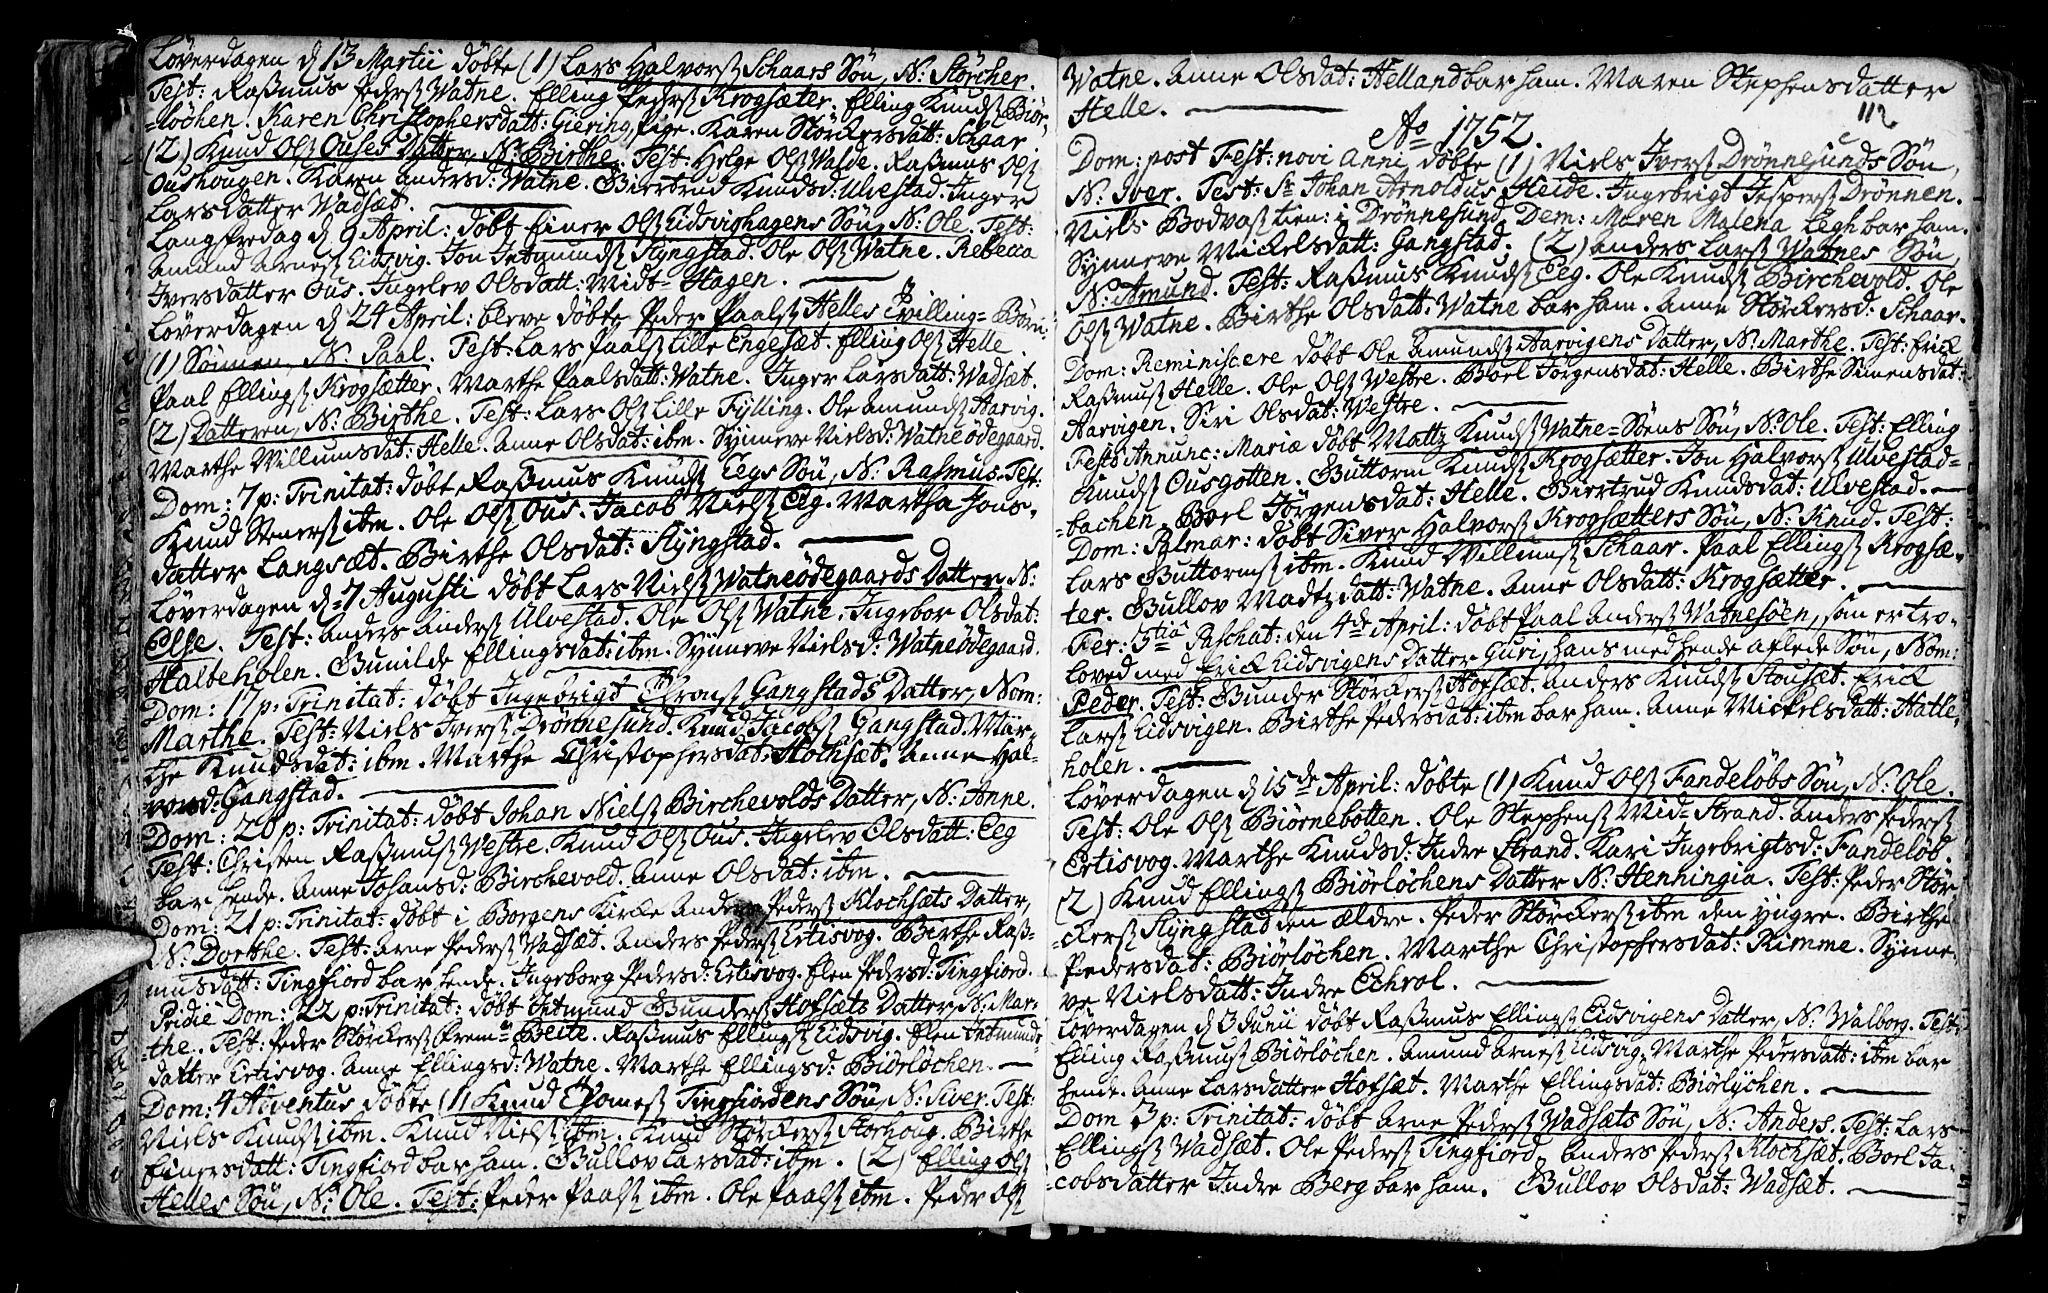 SAT, Ministerialprotokoller, klokkerbøker og fødselsregistre - Møre og Romsdal, 525/L0371: Ministerialbok nr. 525A01, 1699-1777, s. 112